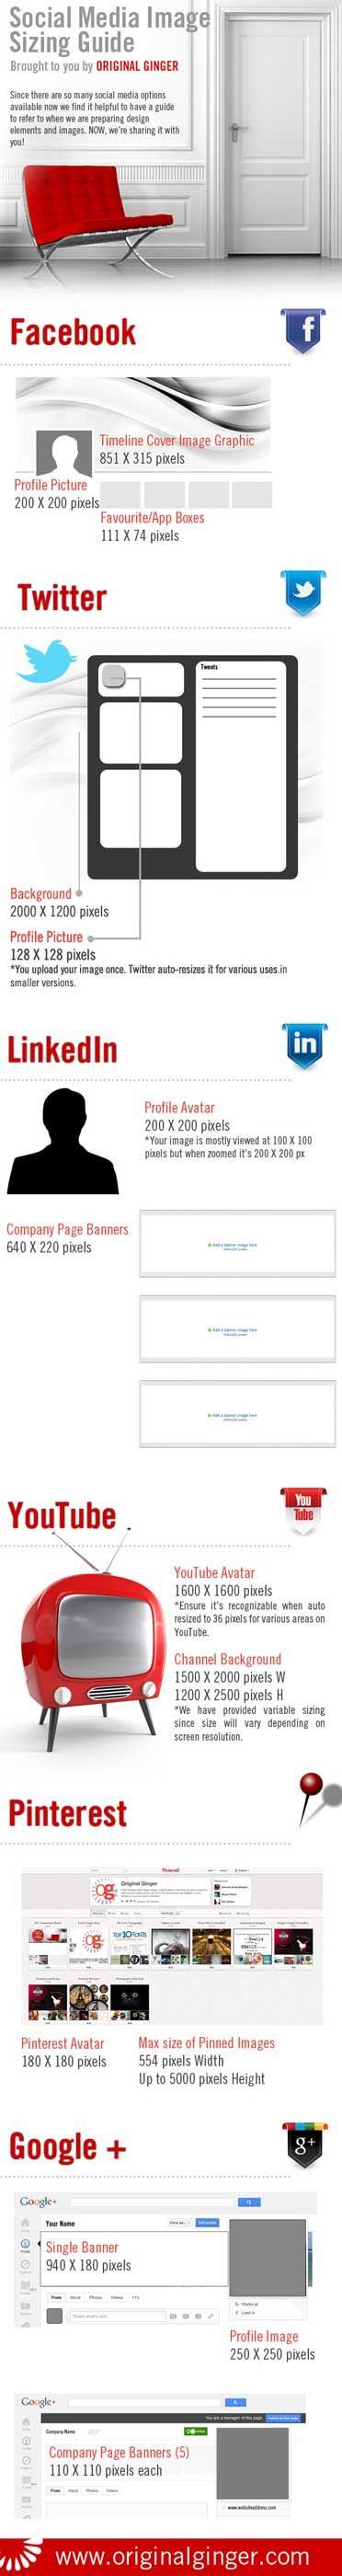 #infografía: tamaño de la imagen en las redes sociales